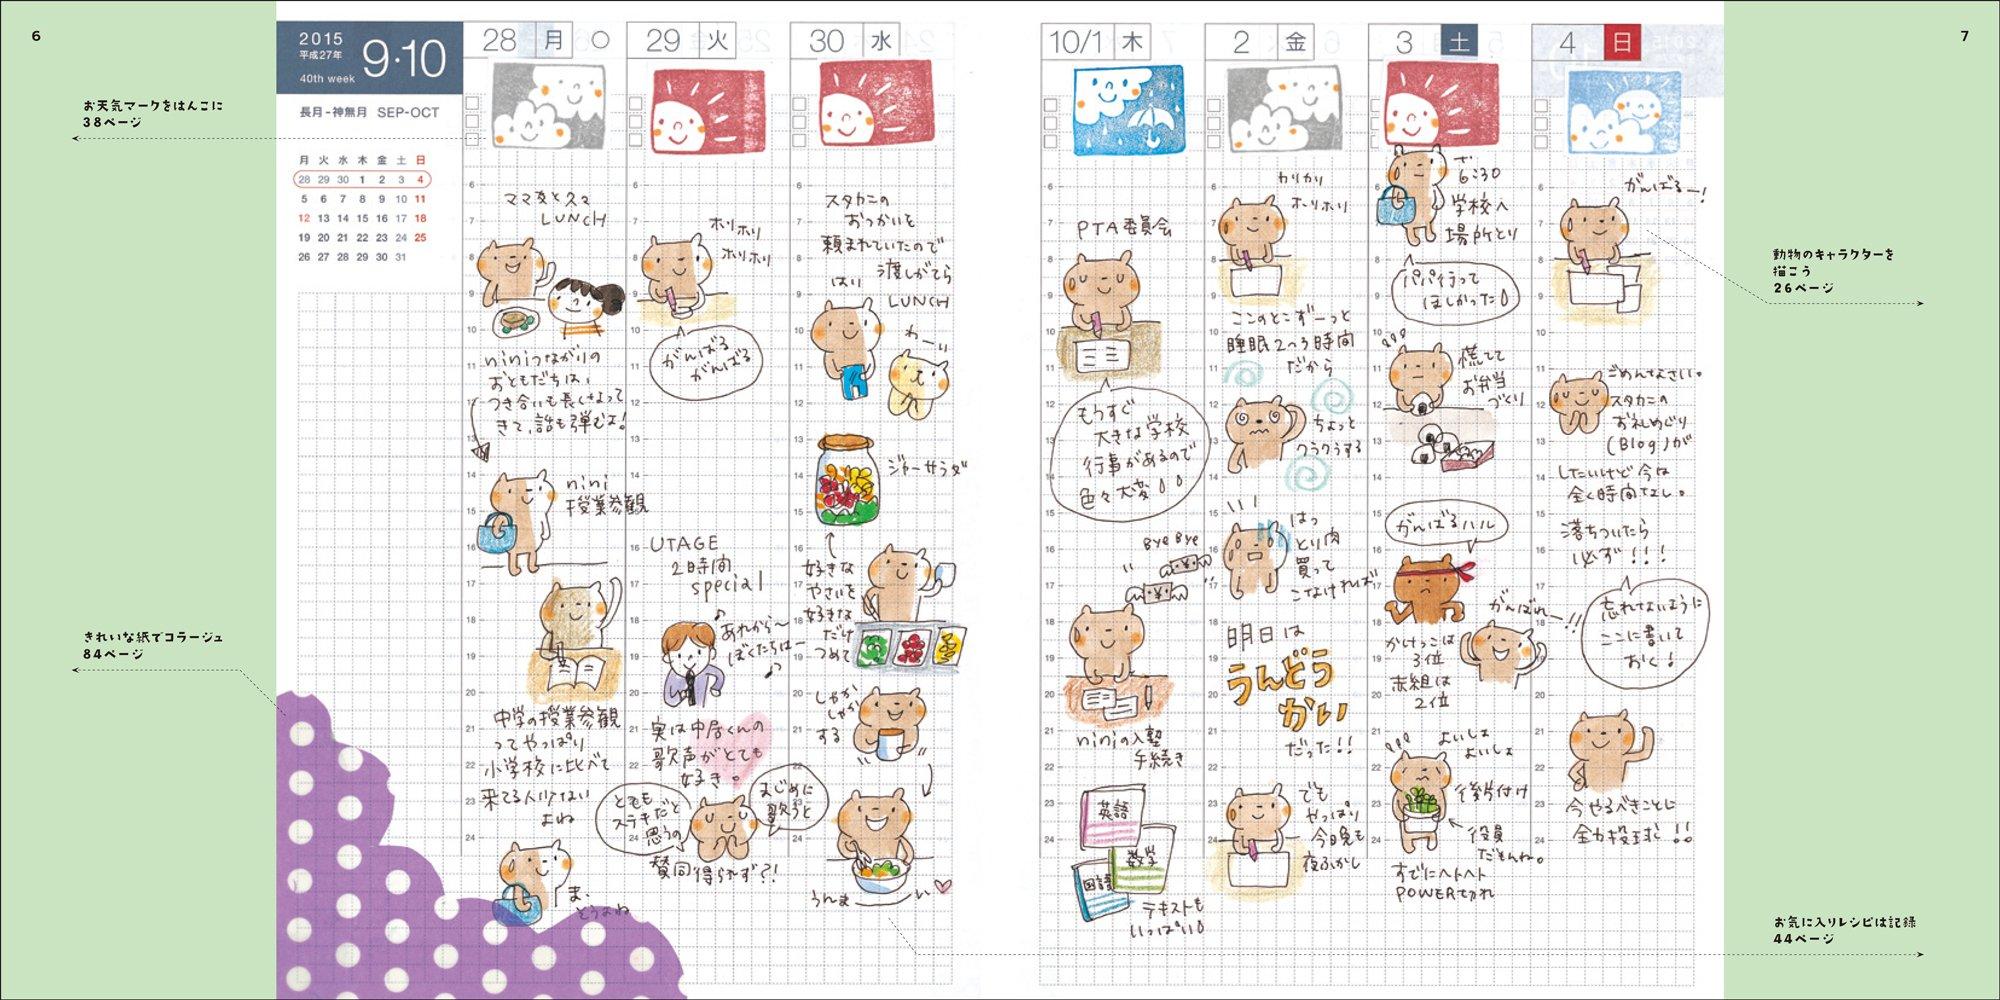 かわいい手帳の描き方レッスン 玄光社mook Lulu Cube 本 通販